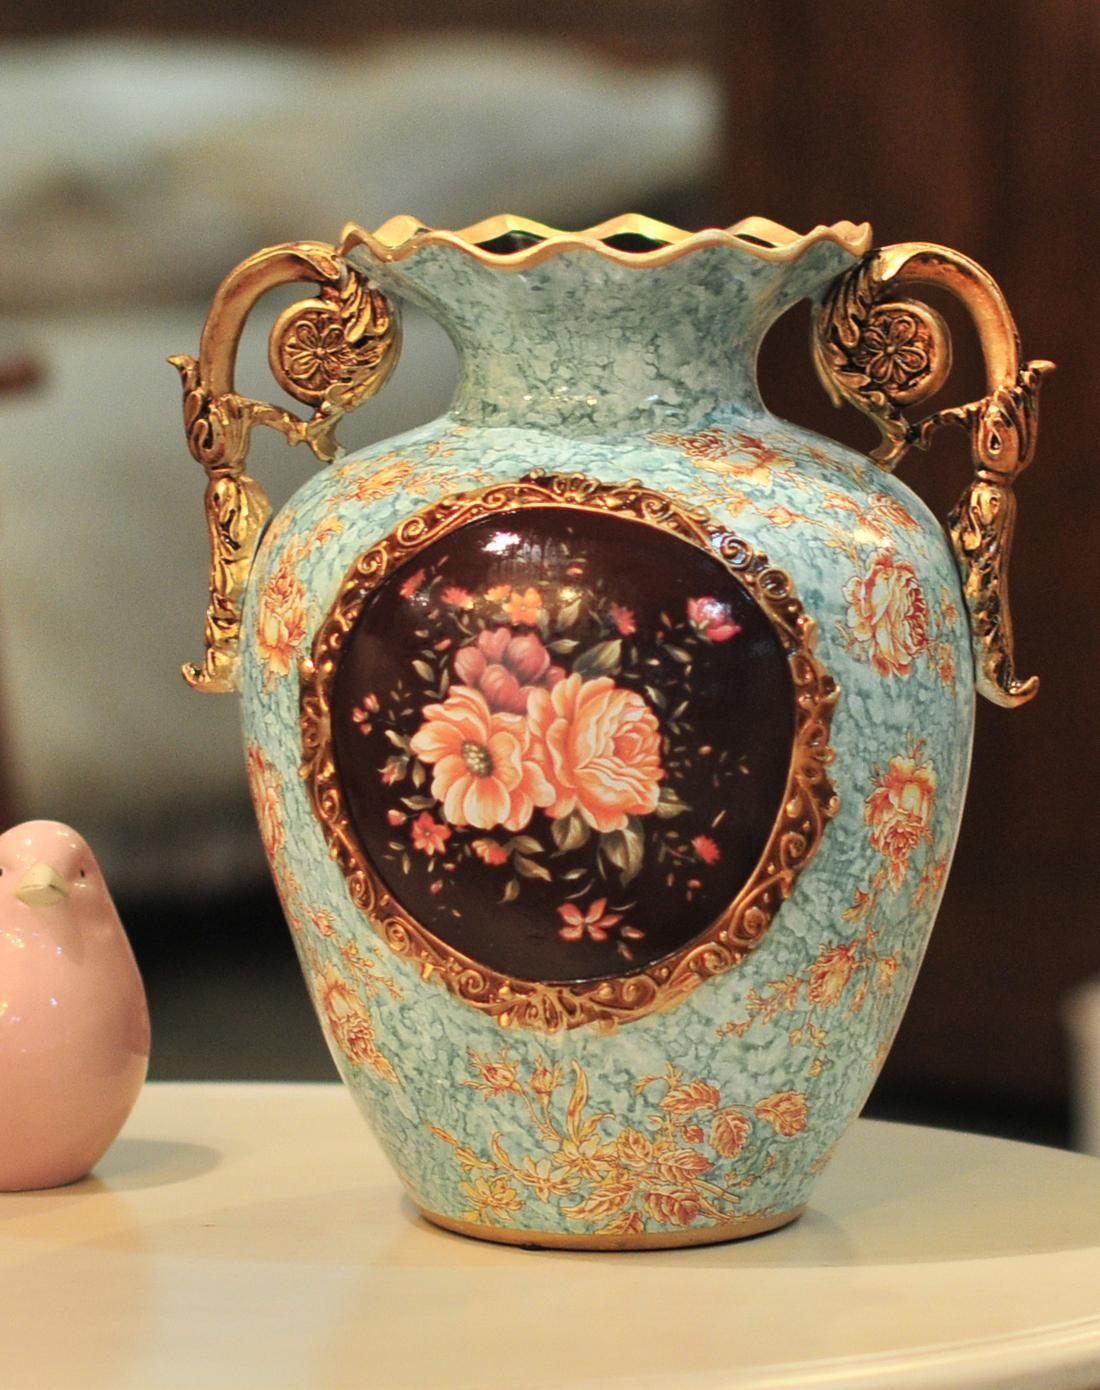 欧式宫廷彩绘陶瓷装饰花瓶图片